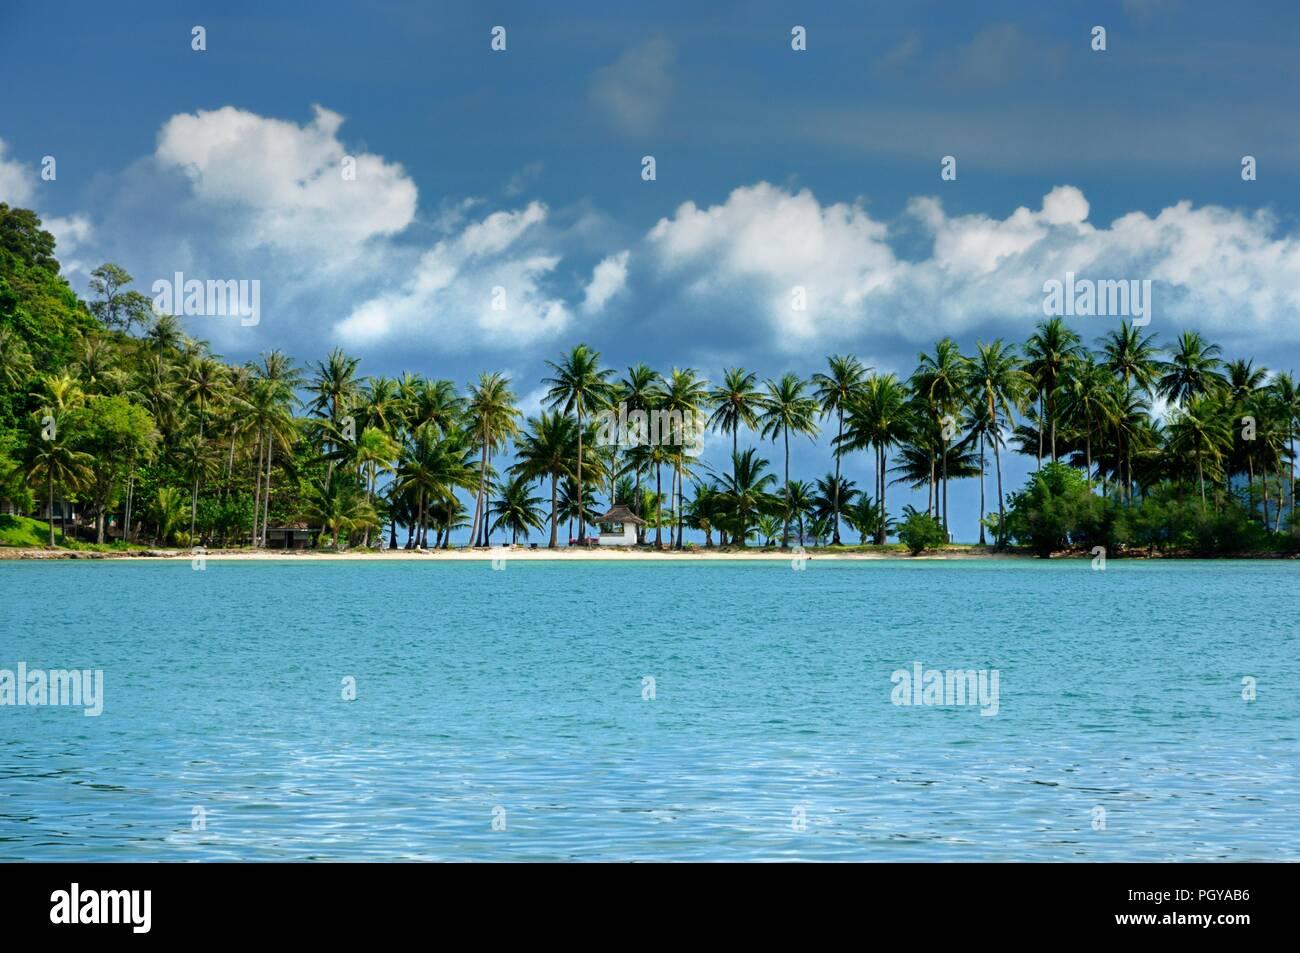 Koh Ngam beach, Koh Ngam island, southern tip of the Koh Chang island, Thailand. - Stock Image